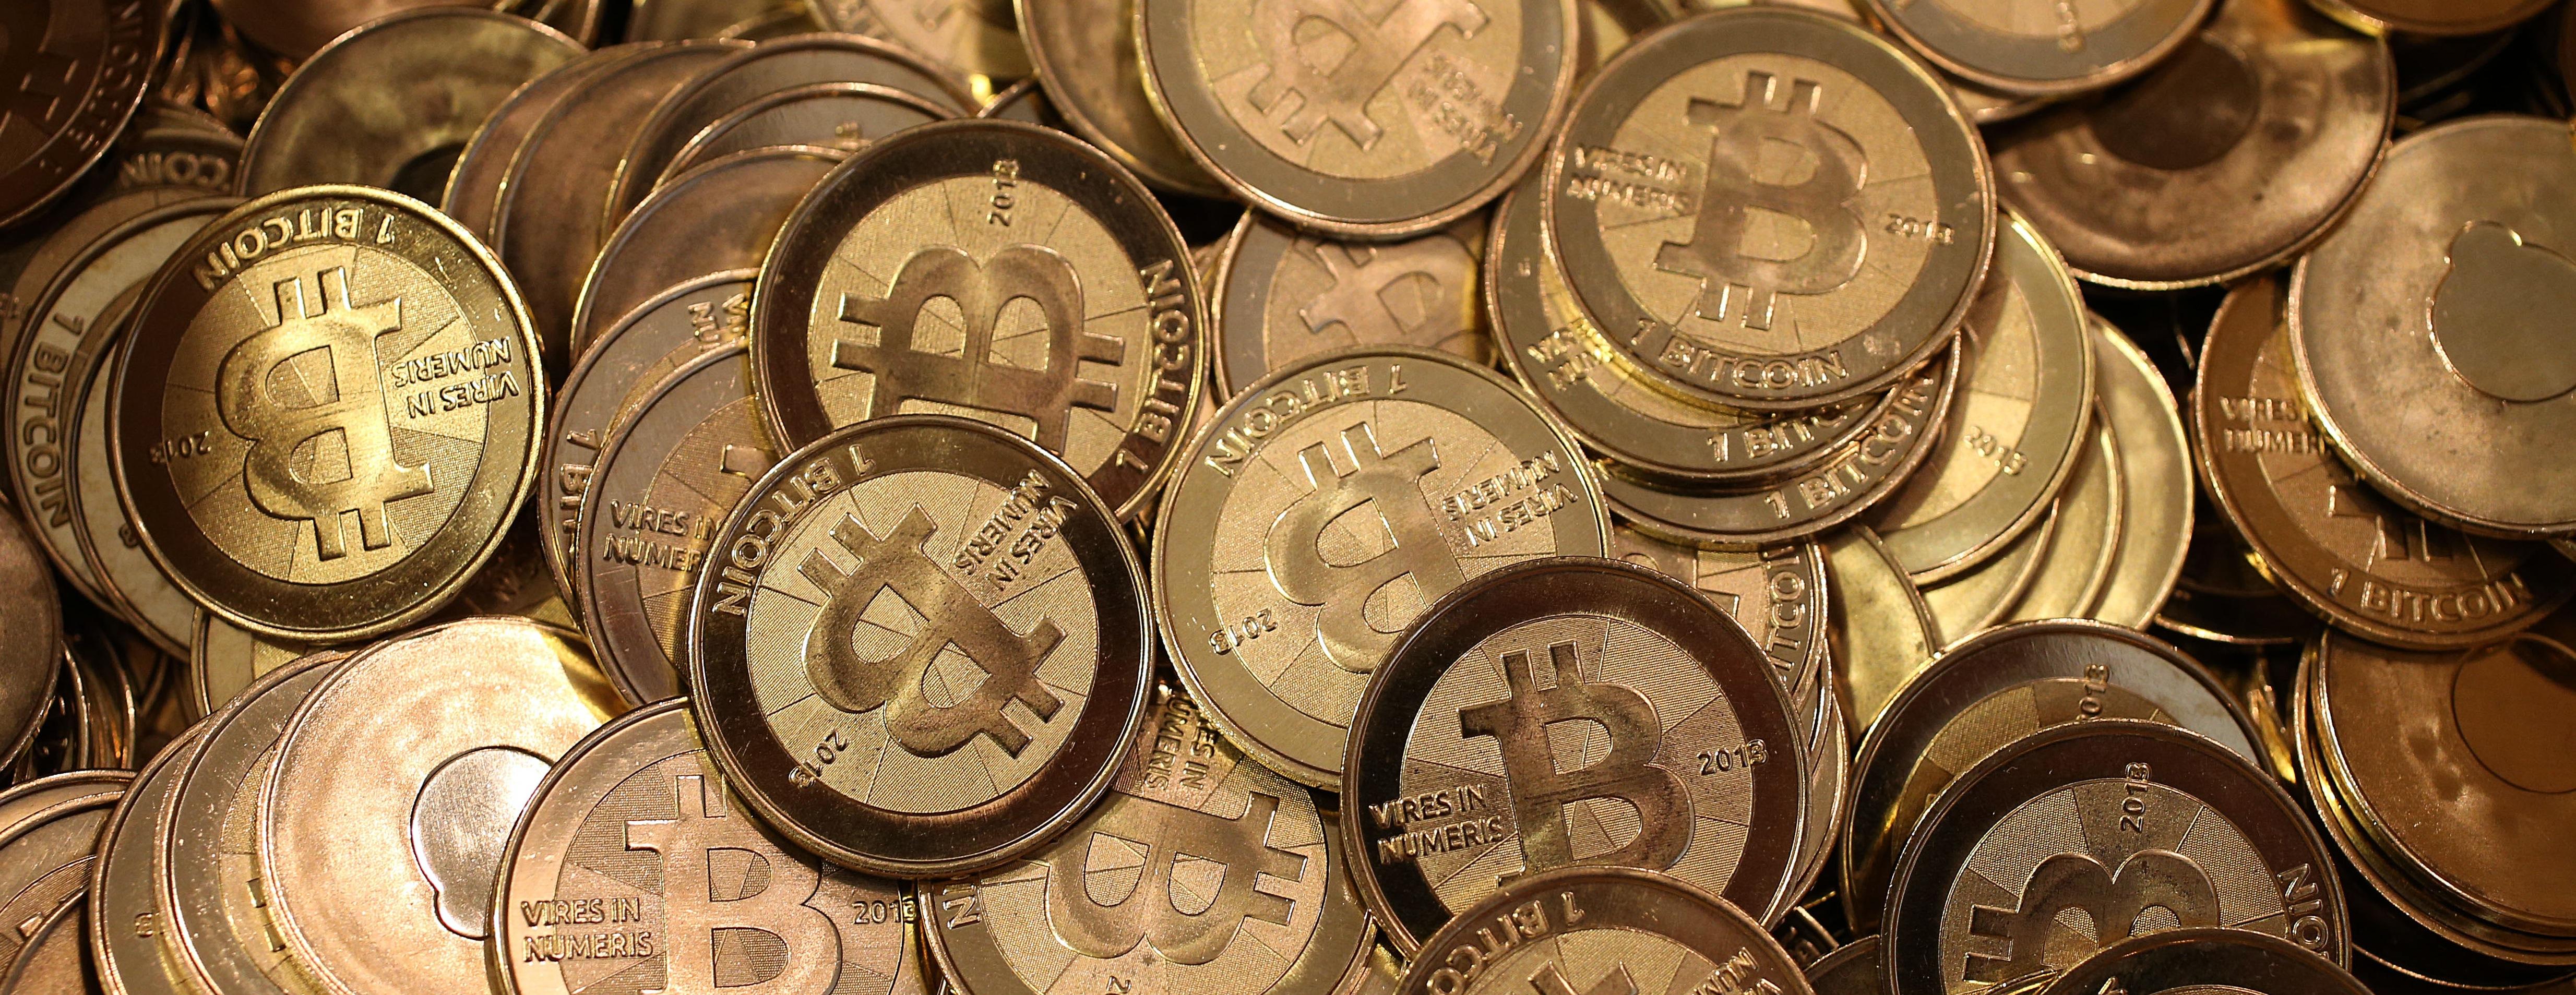 Buy And Sell Bitcoin At Toronto Gold